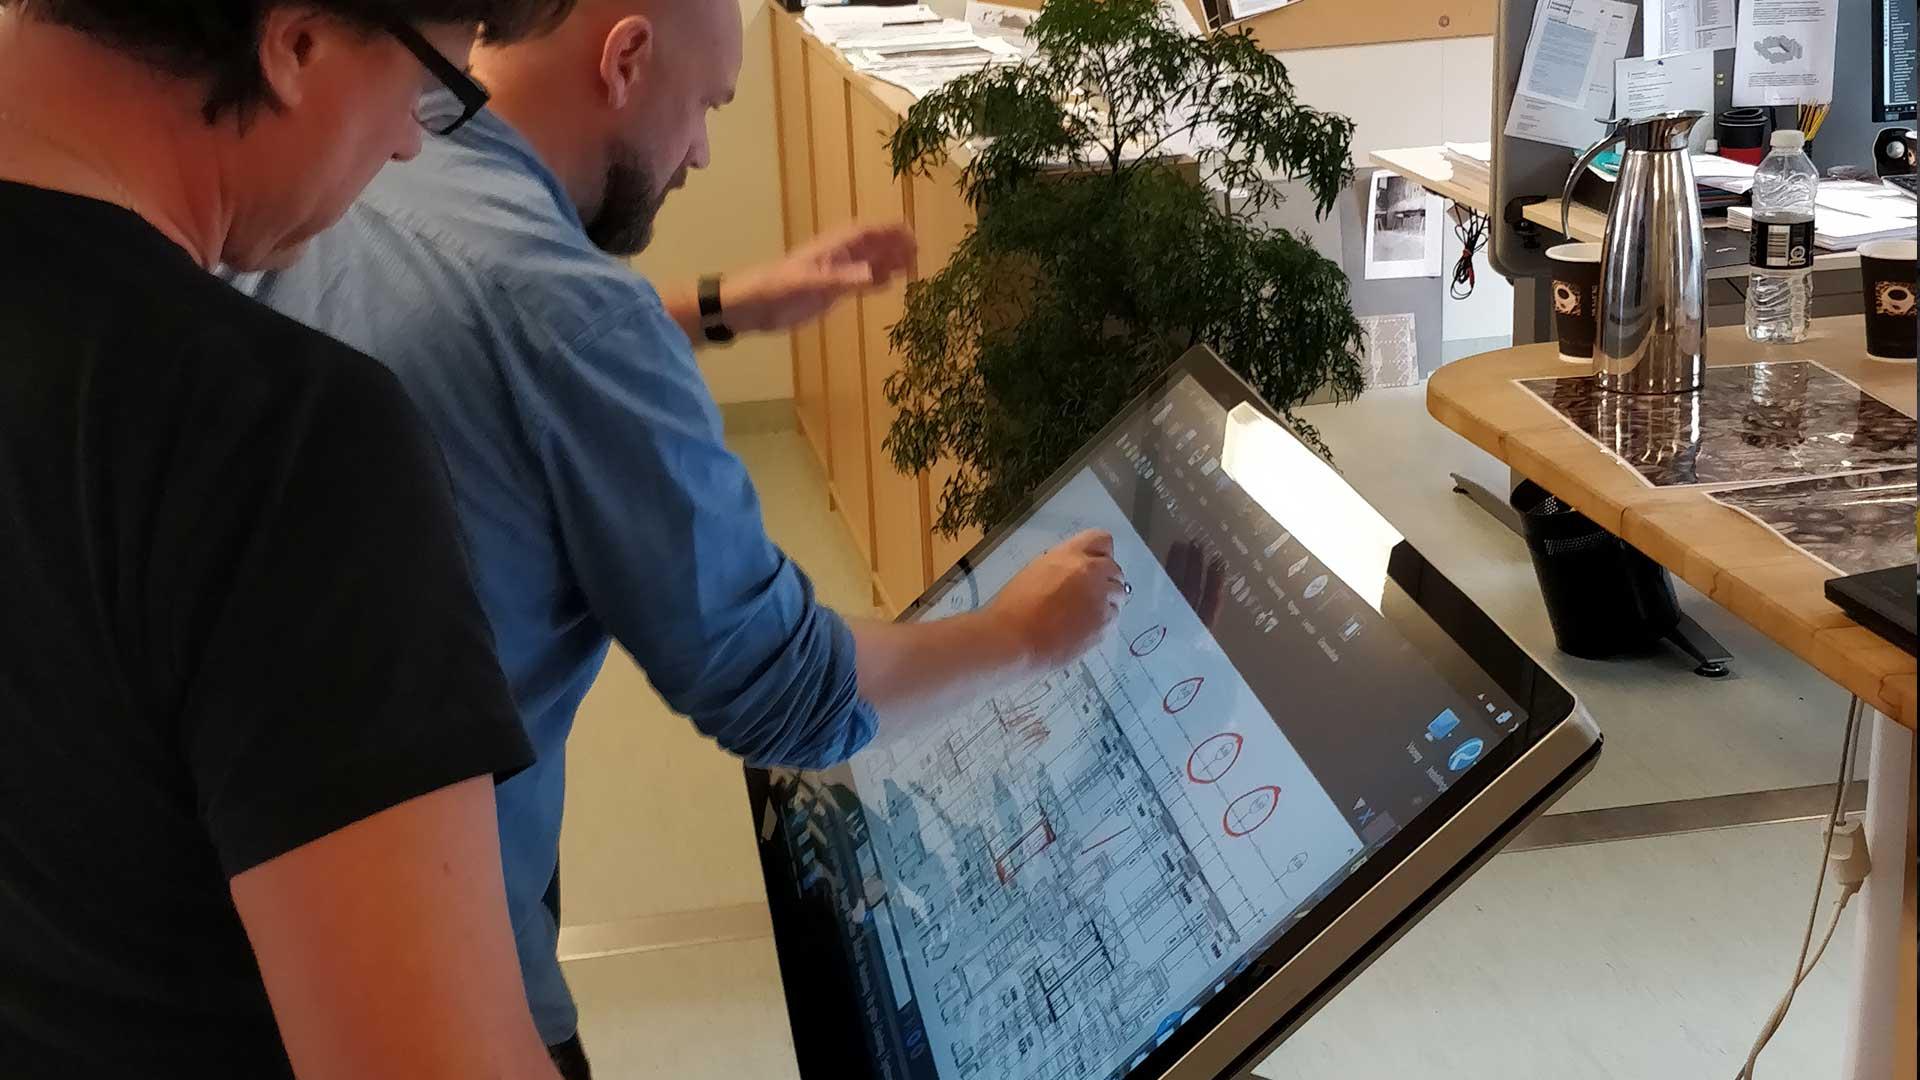 Det digitale skrivebord Visual Display